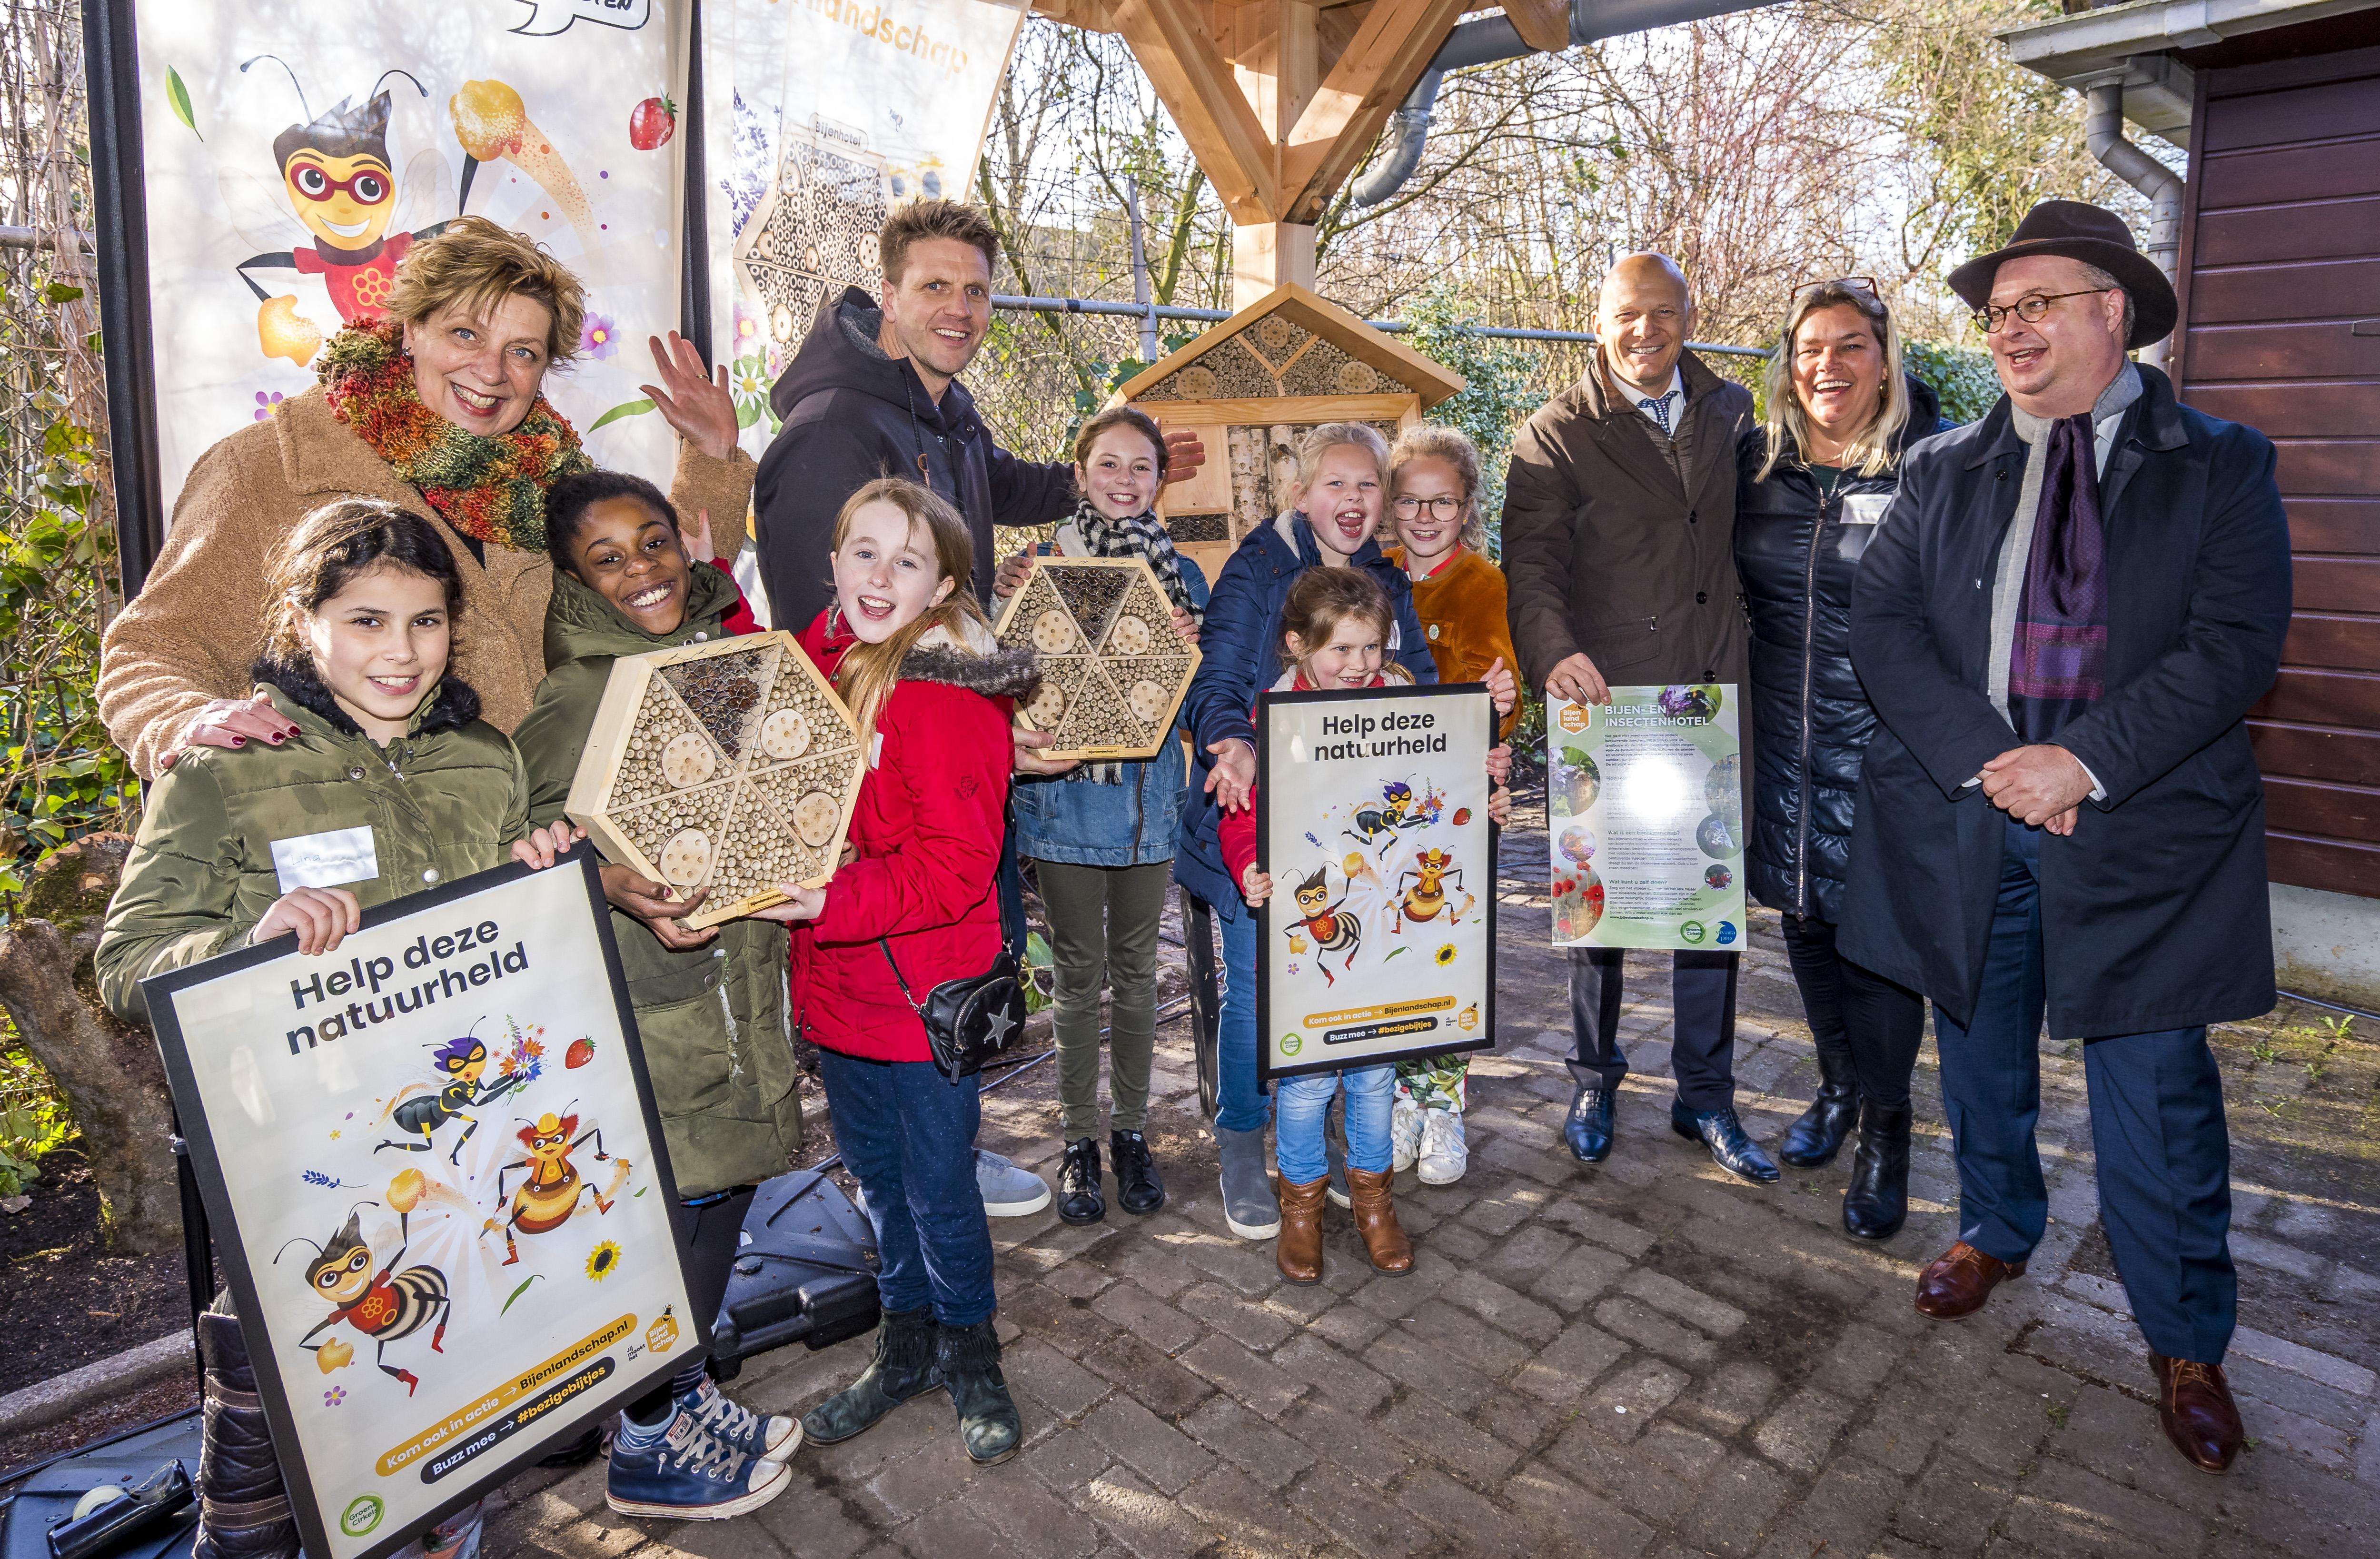 Vliegende start voor Zuid-Hollandse bijencampagne